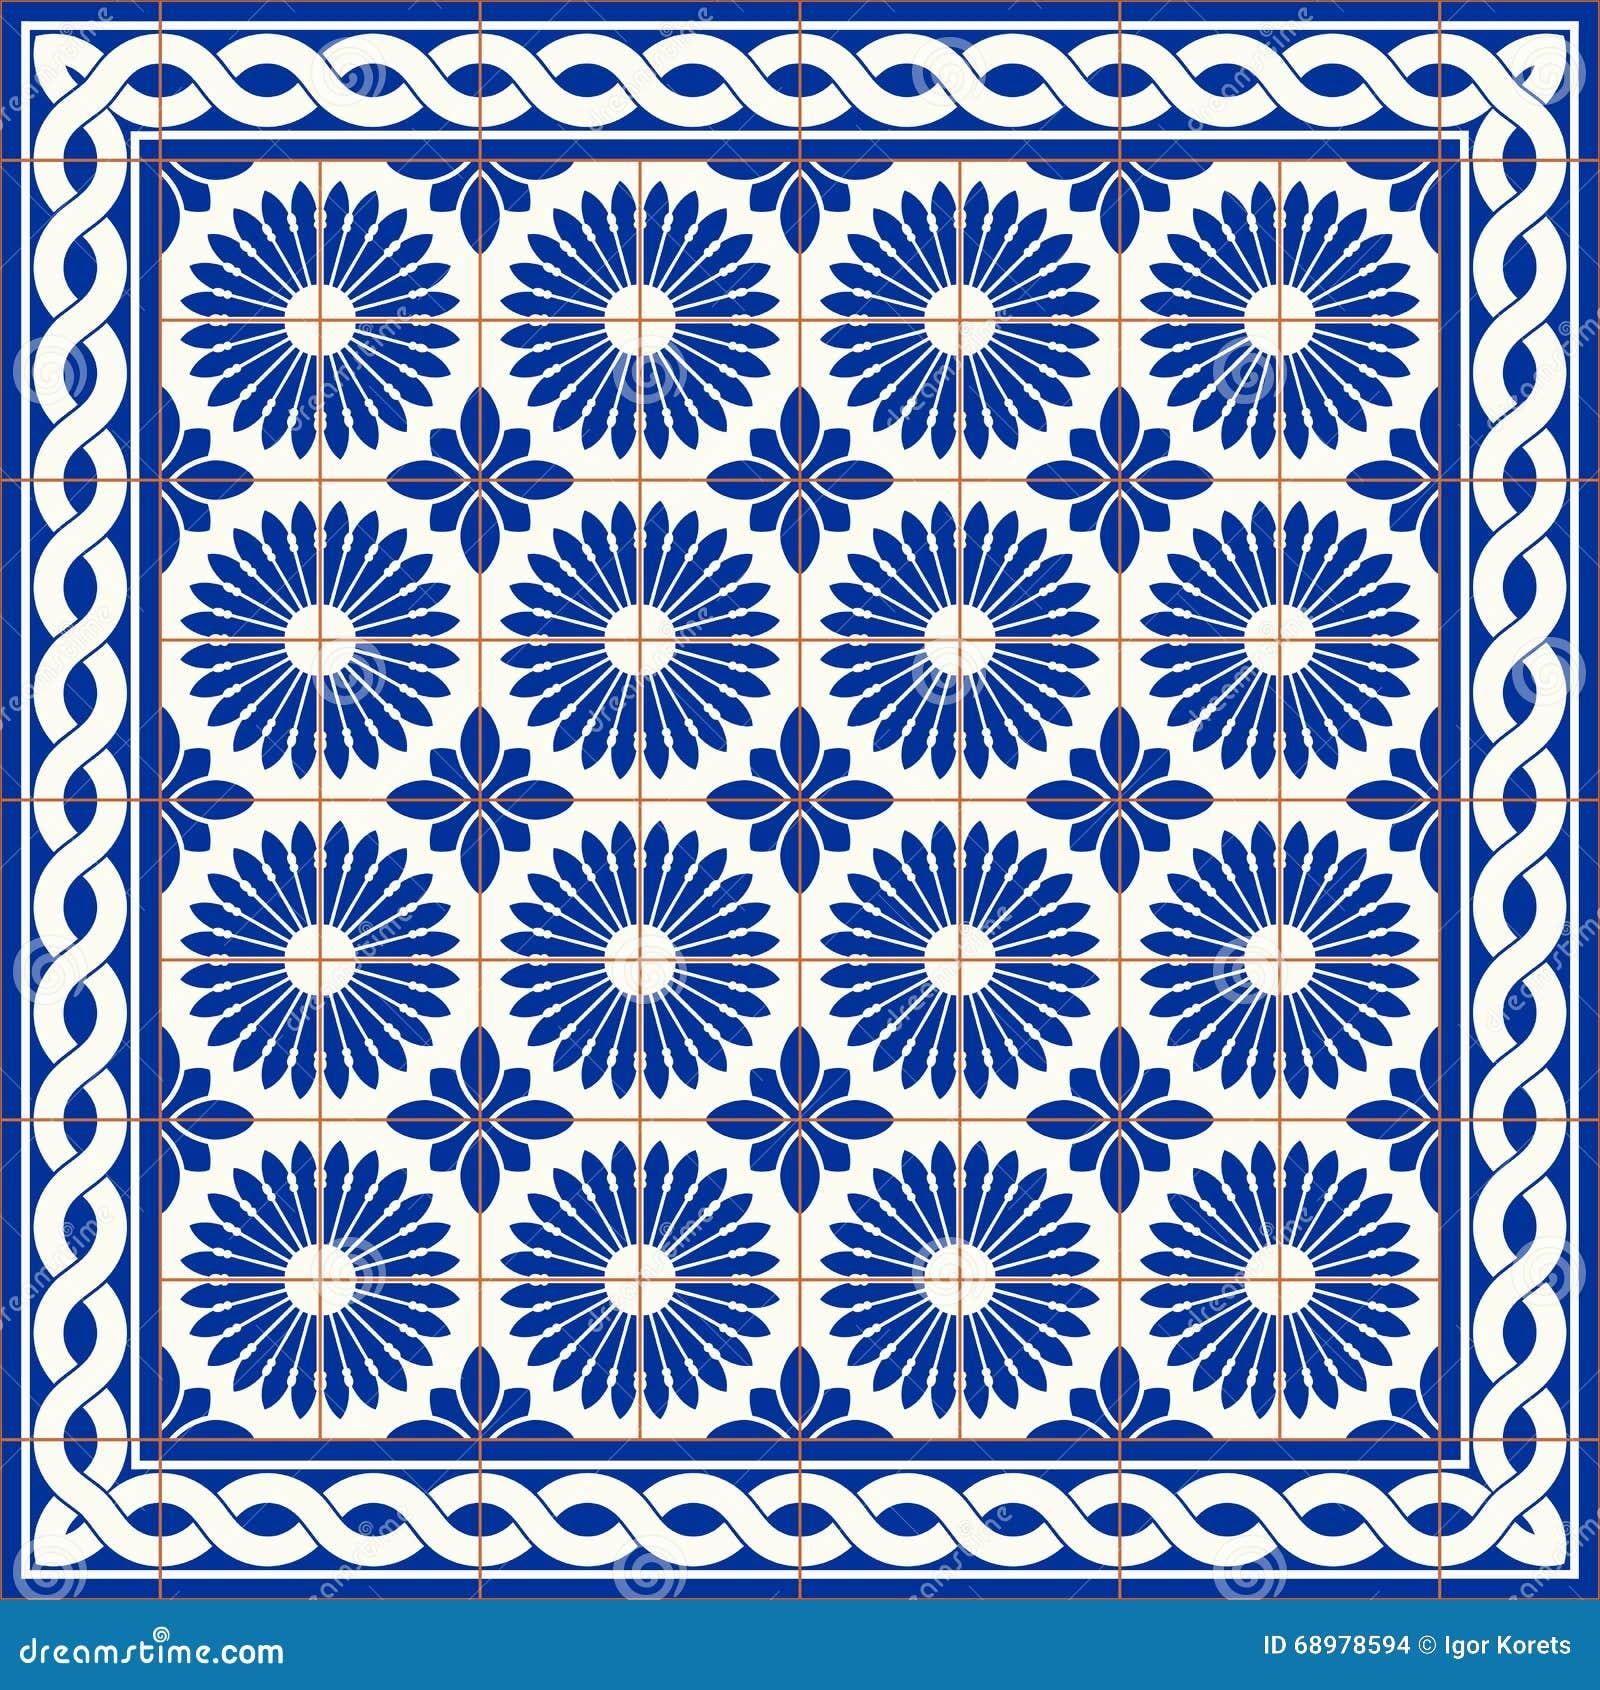 Gorgeous Seamless Pattern White Turkish, Moroccan, Portuguese Tiles ...